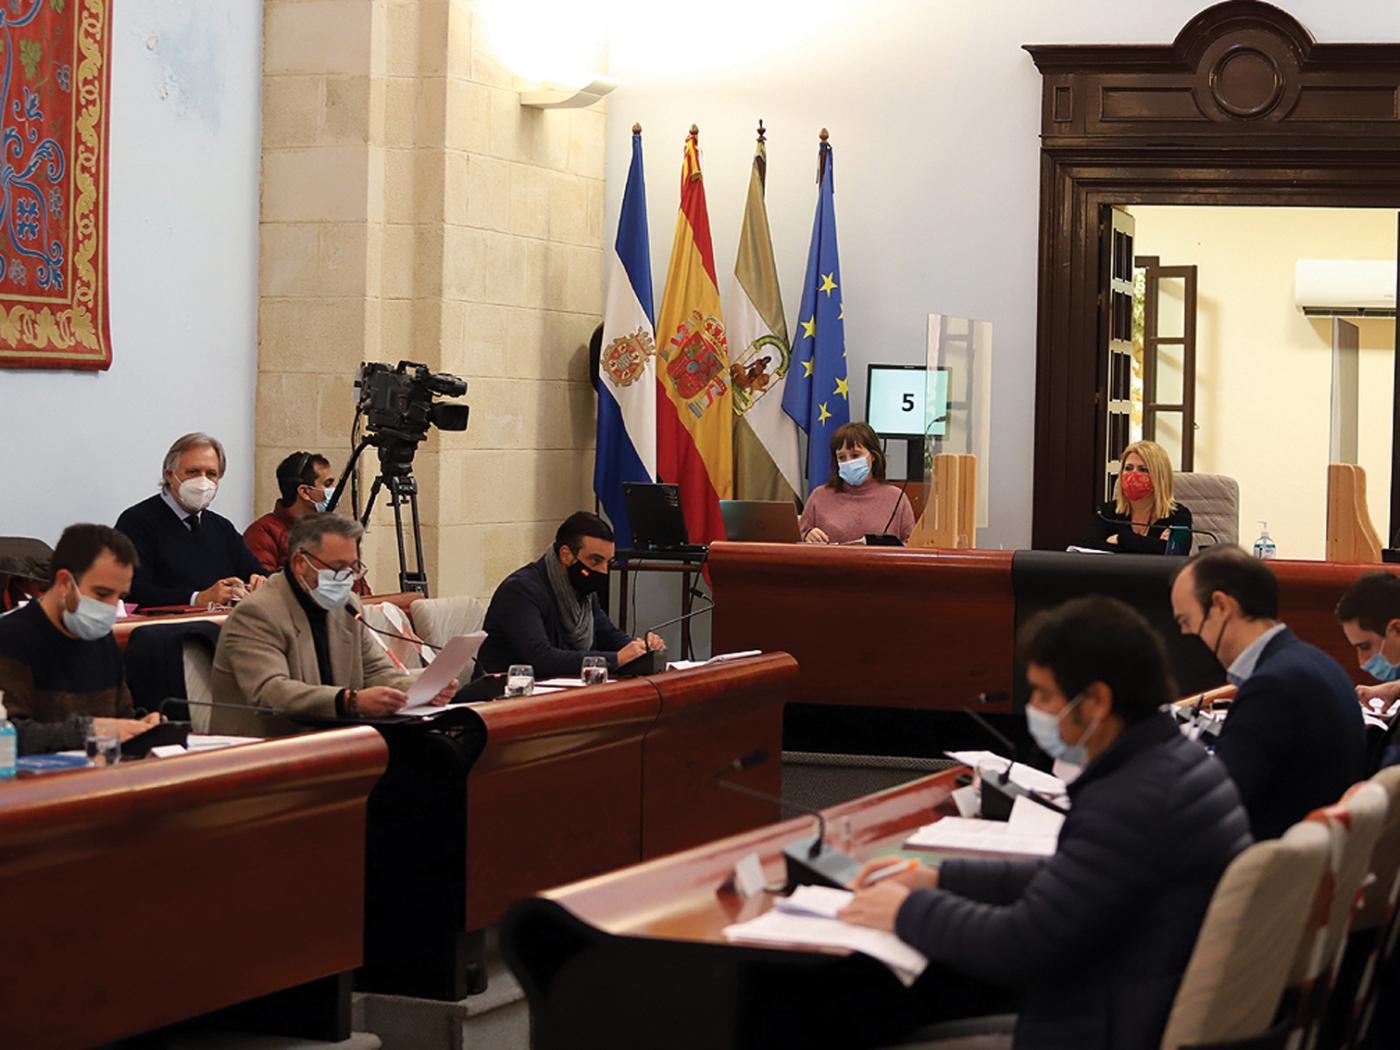 El Pleno escenifica la ruptura entre el Gobierno local de Jerez y sus socios naturales